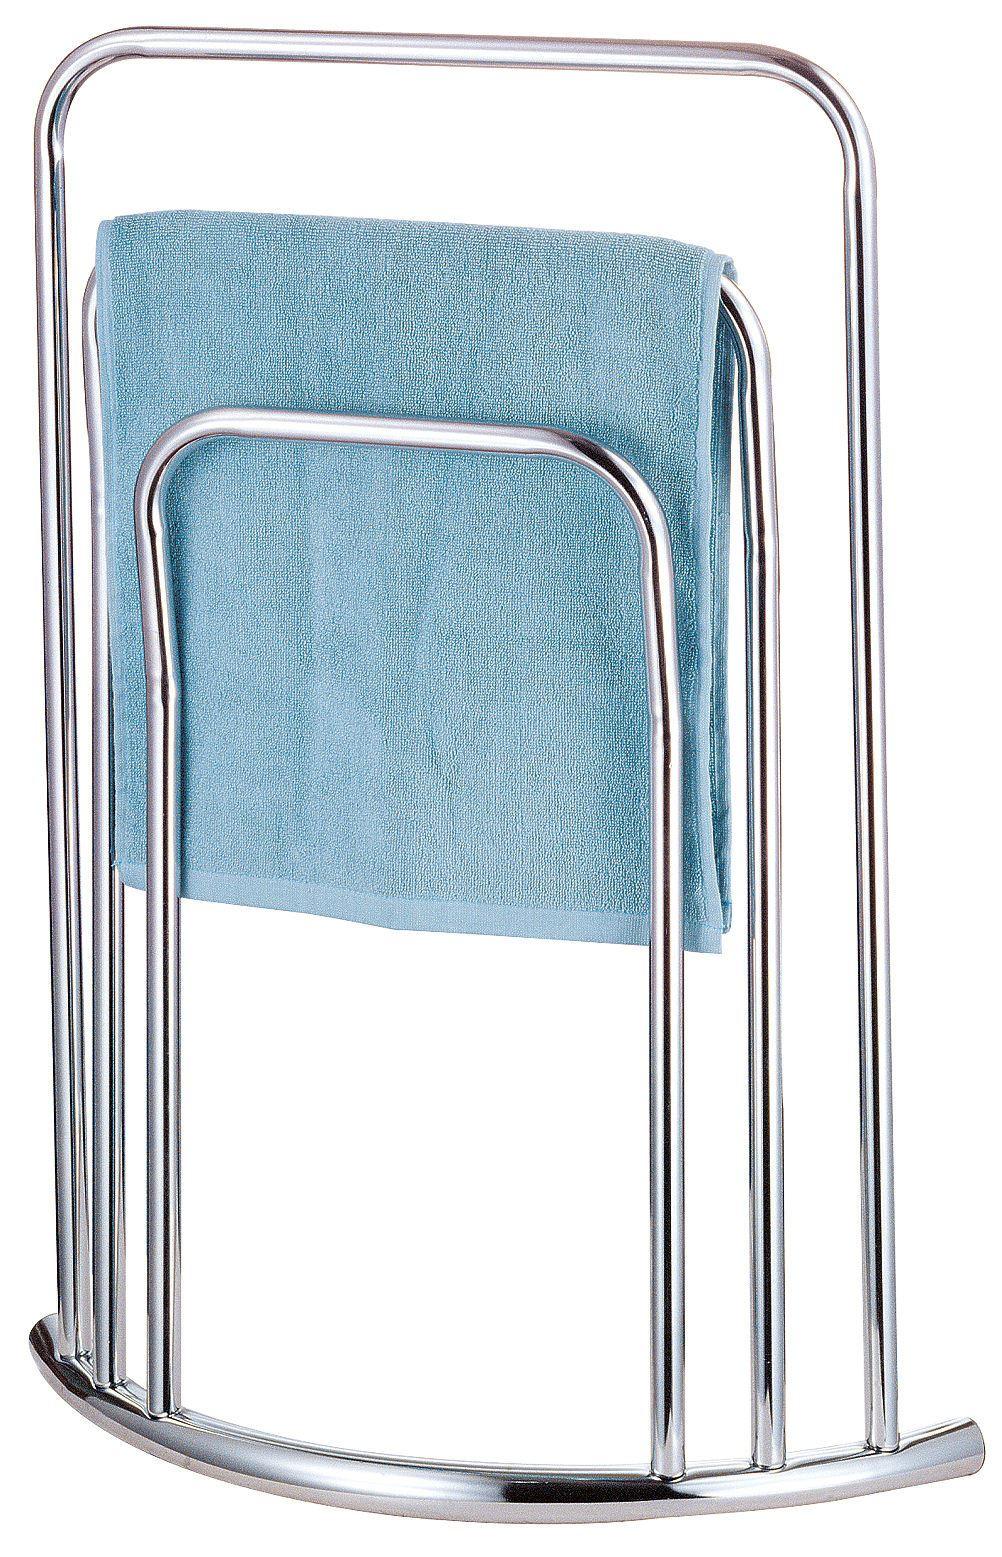 Curved Towel Holder 3 Tier Floor Standing Bathroom Drying Rack Rail